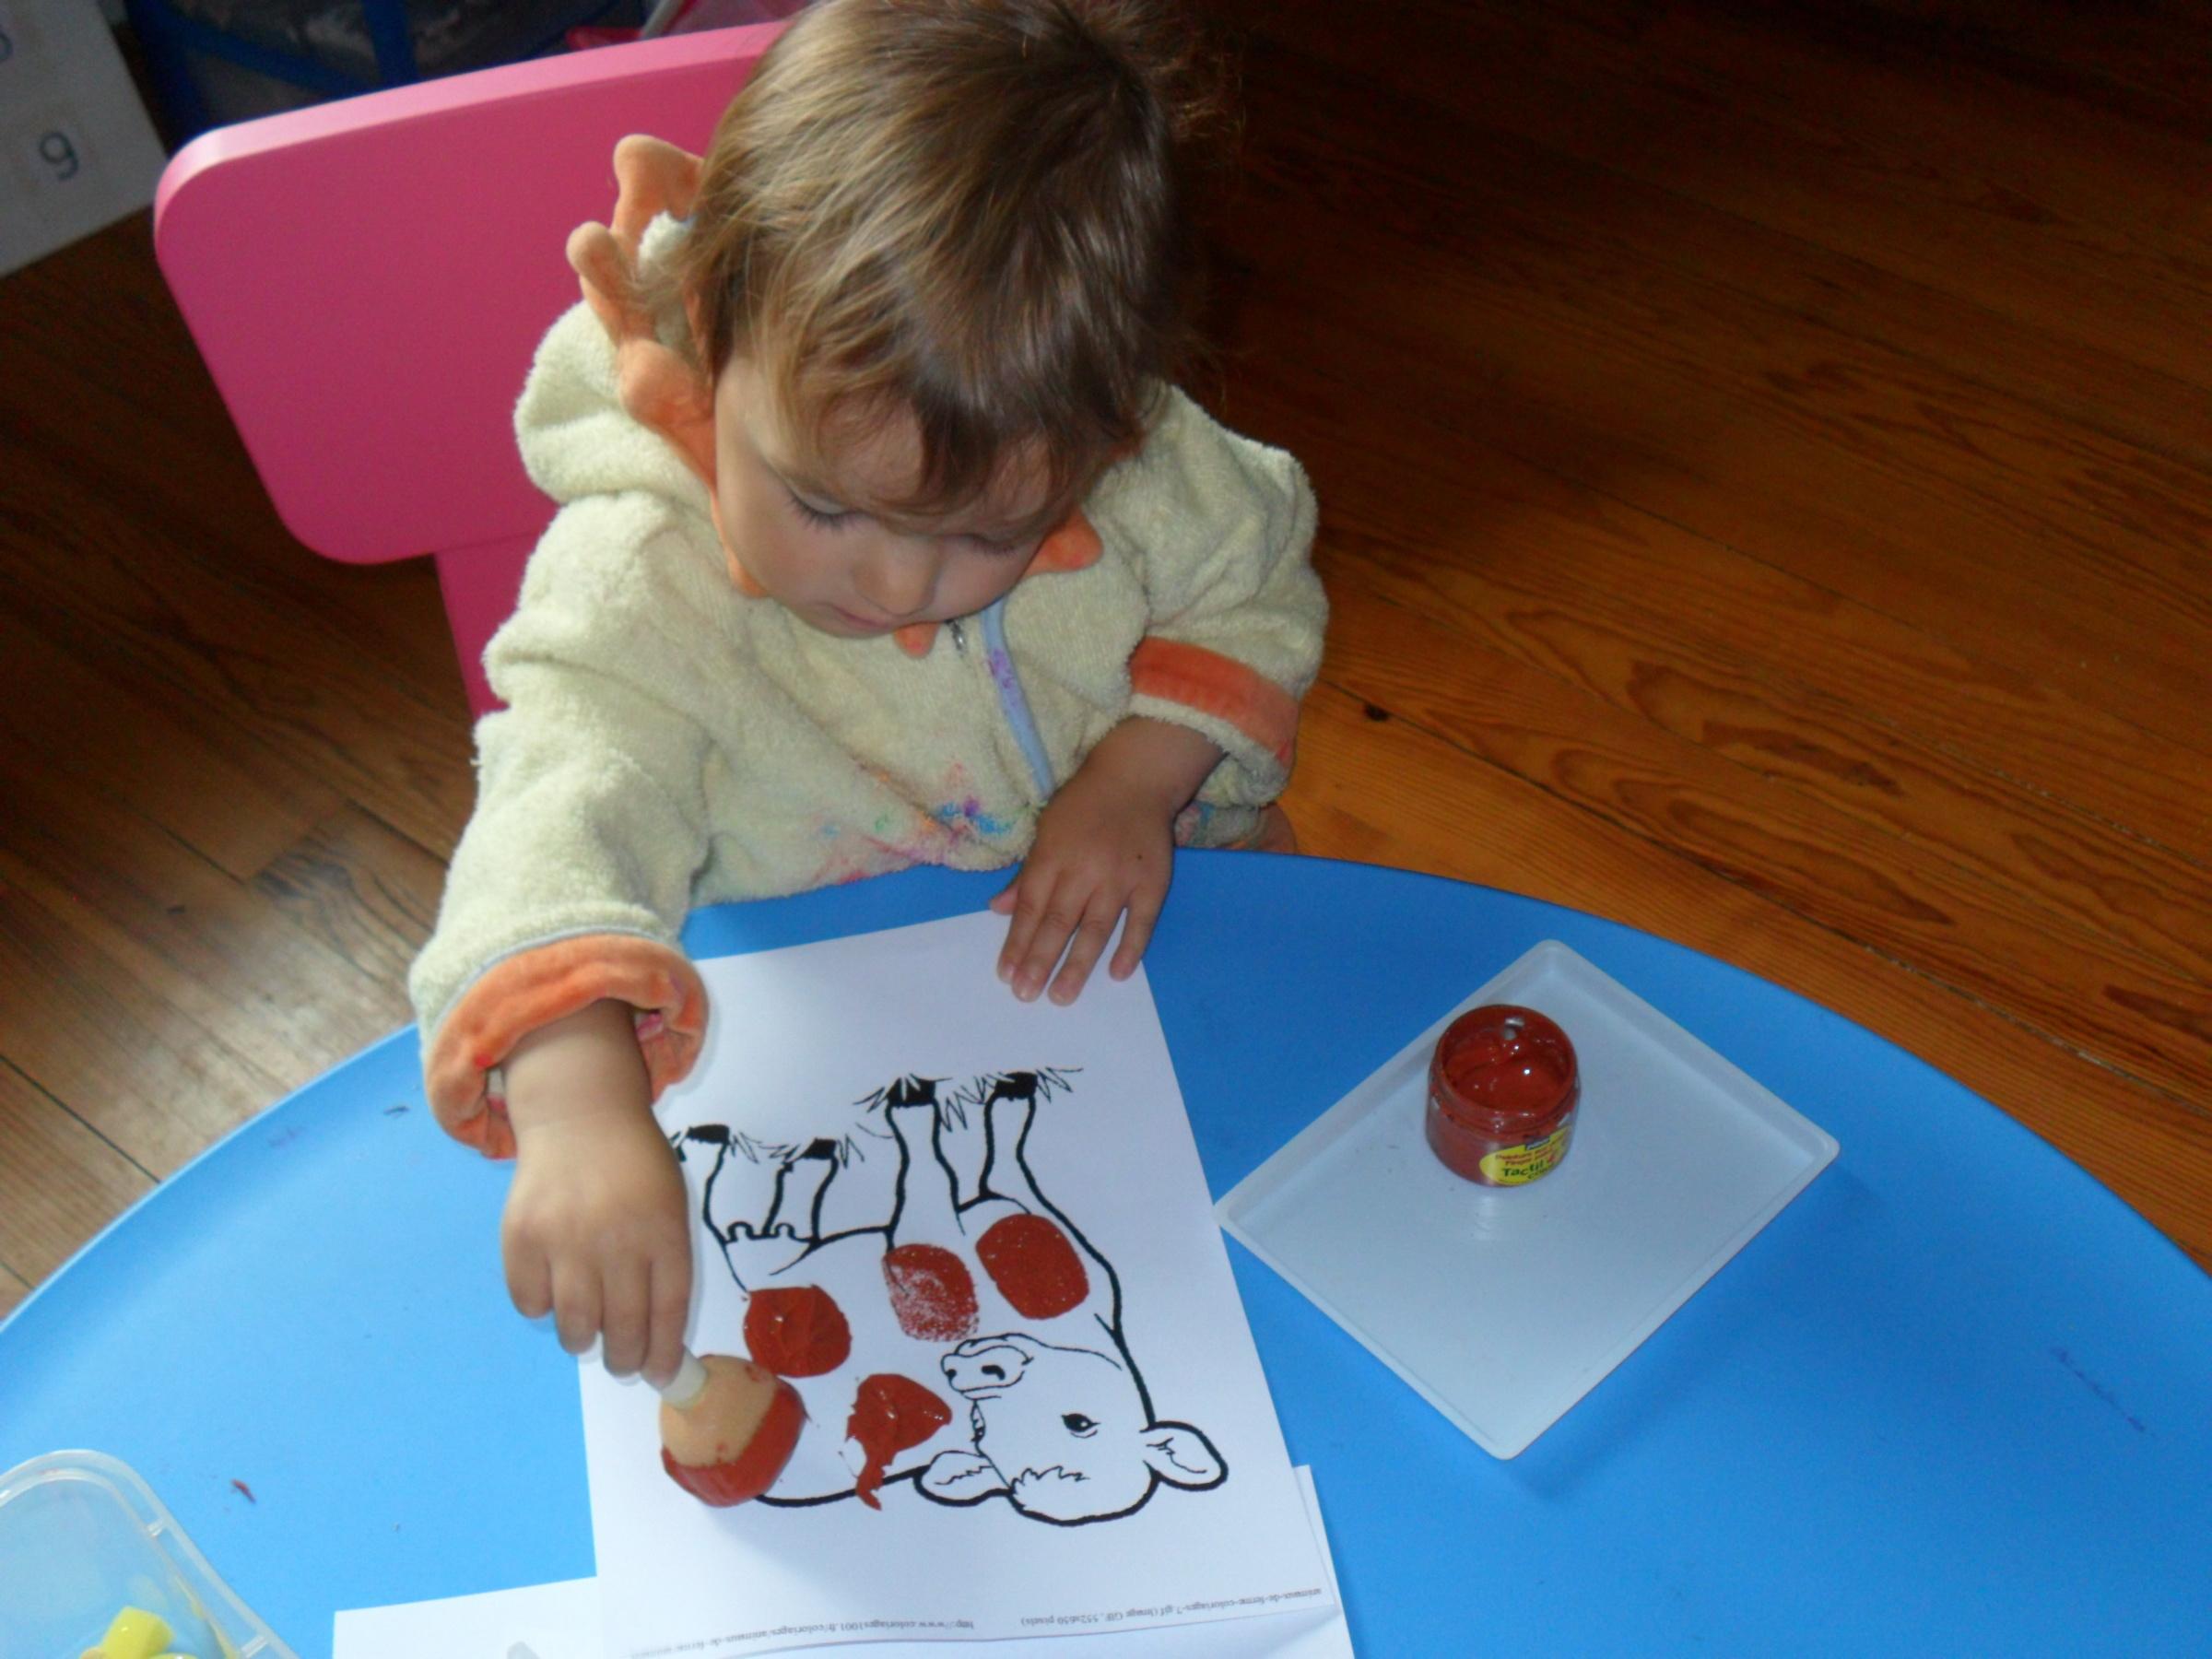 Activités 2-3 Ans : La Peinture - Les Ateliers De Cathy encequiconcerne Activité 2 3 Ans